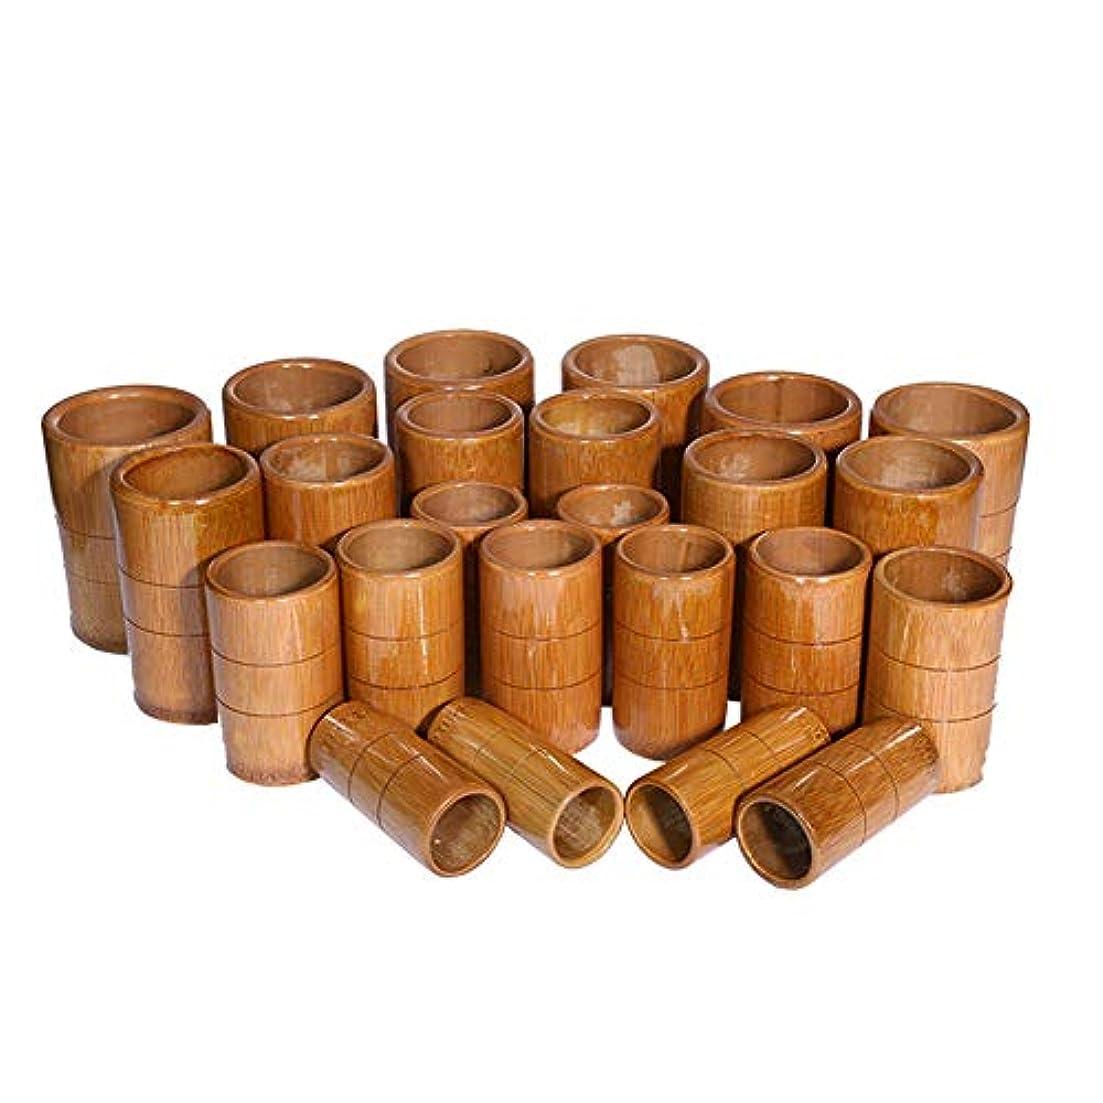 海峡ひもオセアニア雇用マッサージバキュームカップキット - カッピング竹療法セット - 炭缶鍼治療ボディ医療吸引セット,A10pcs